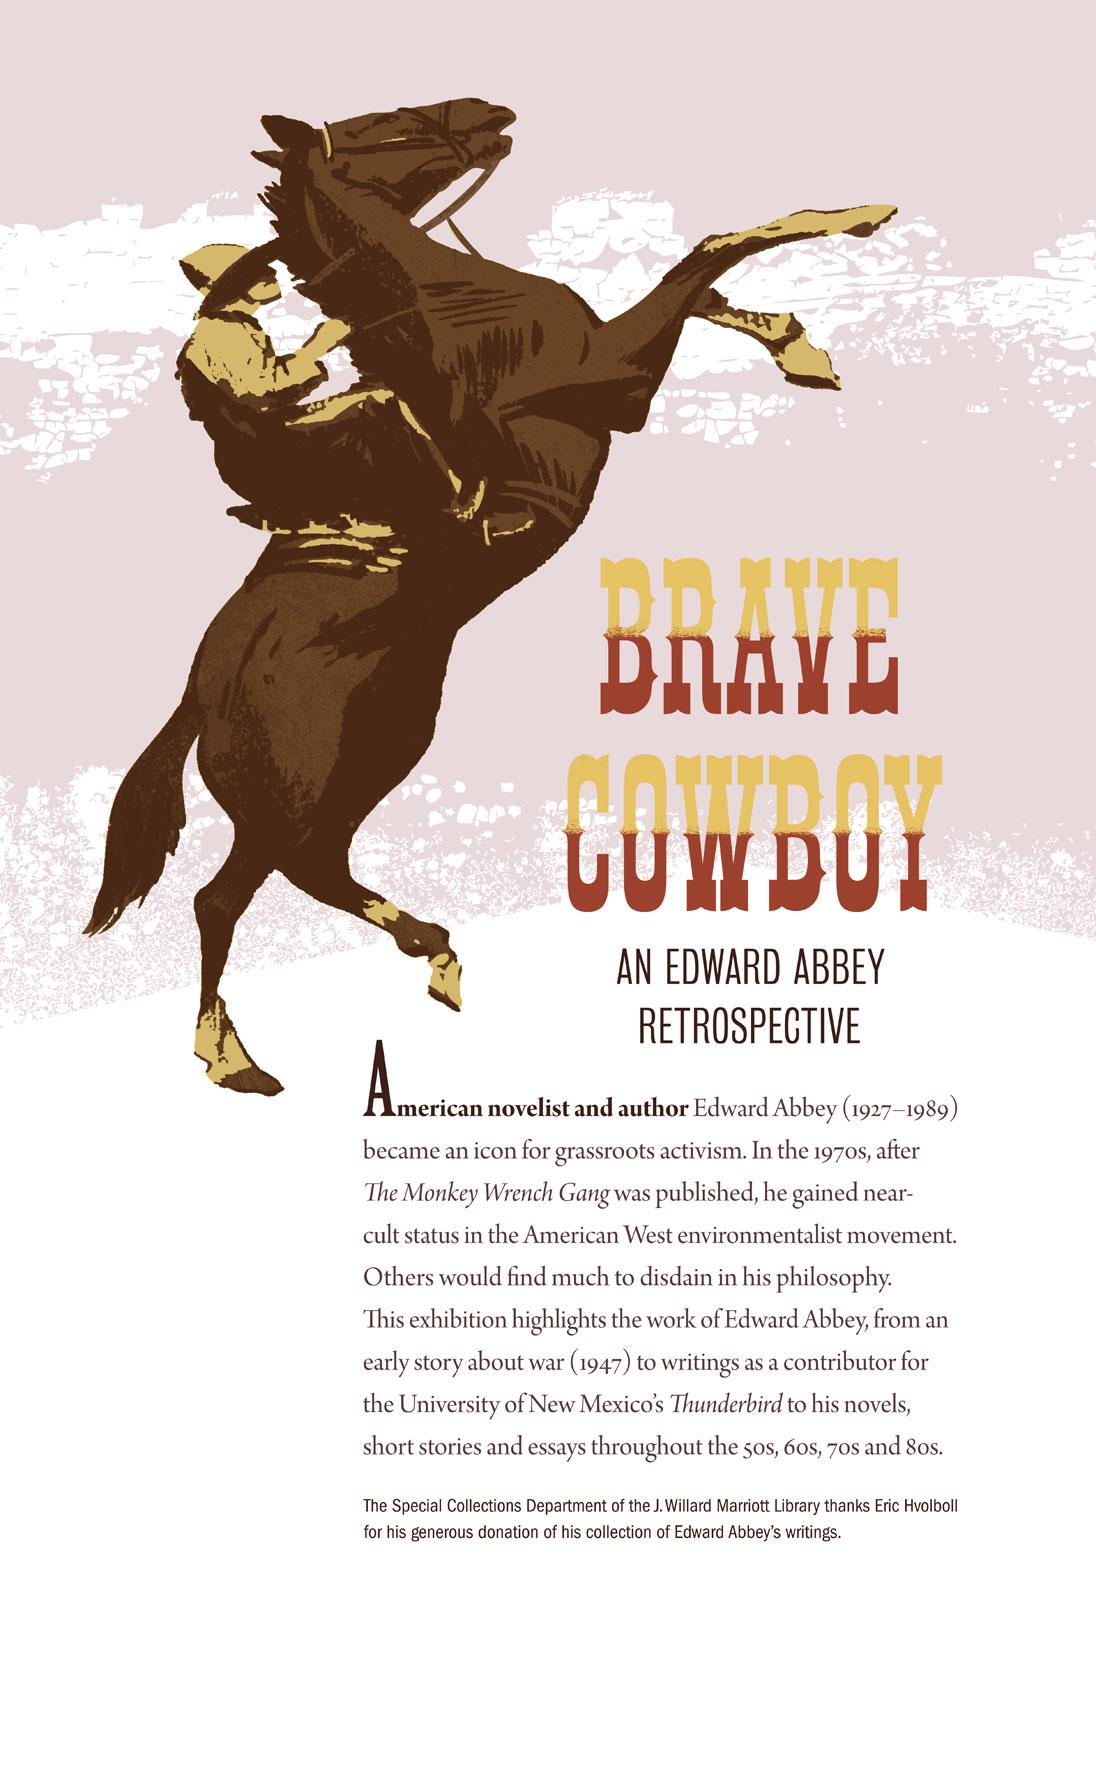 BraveCowboy